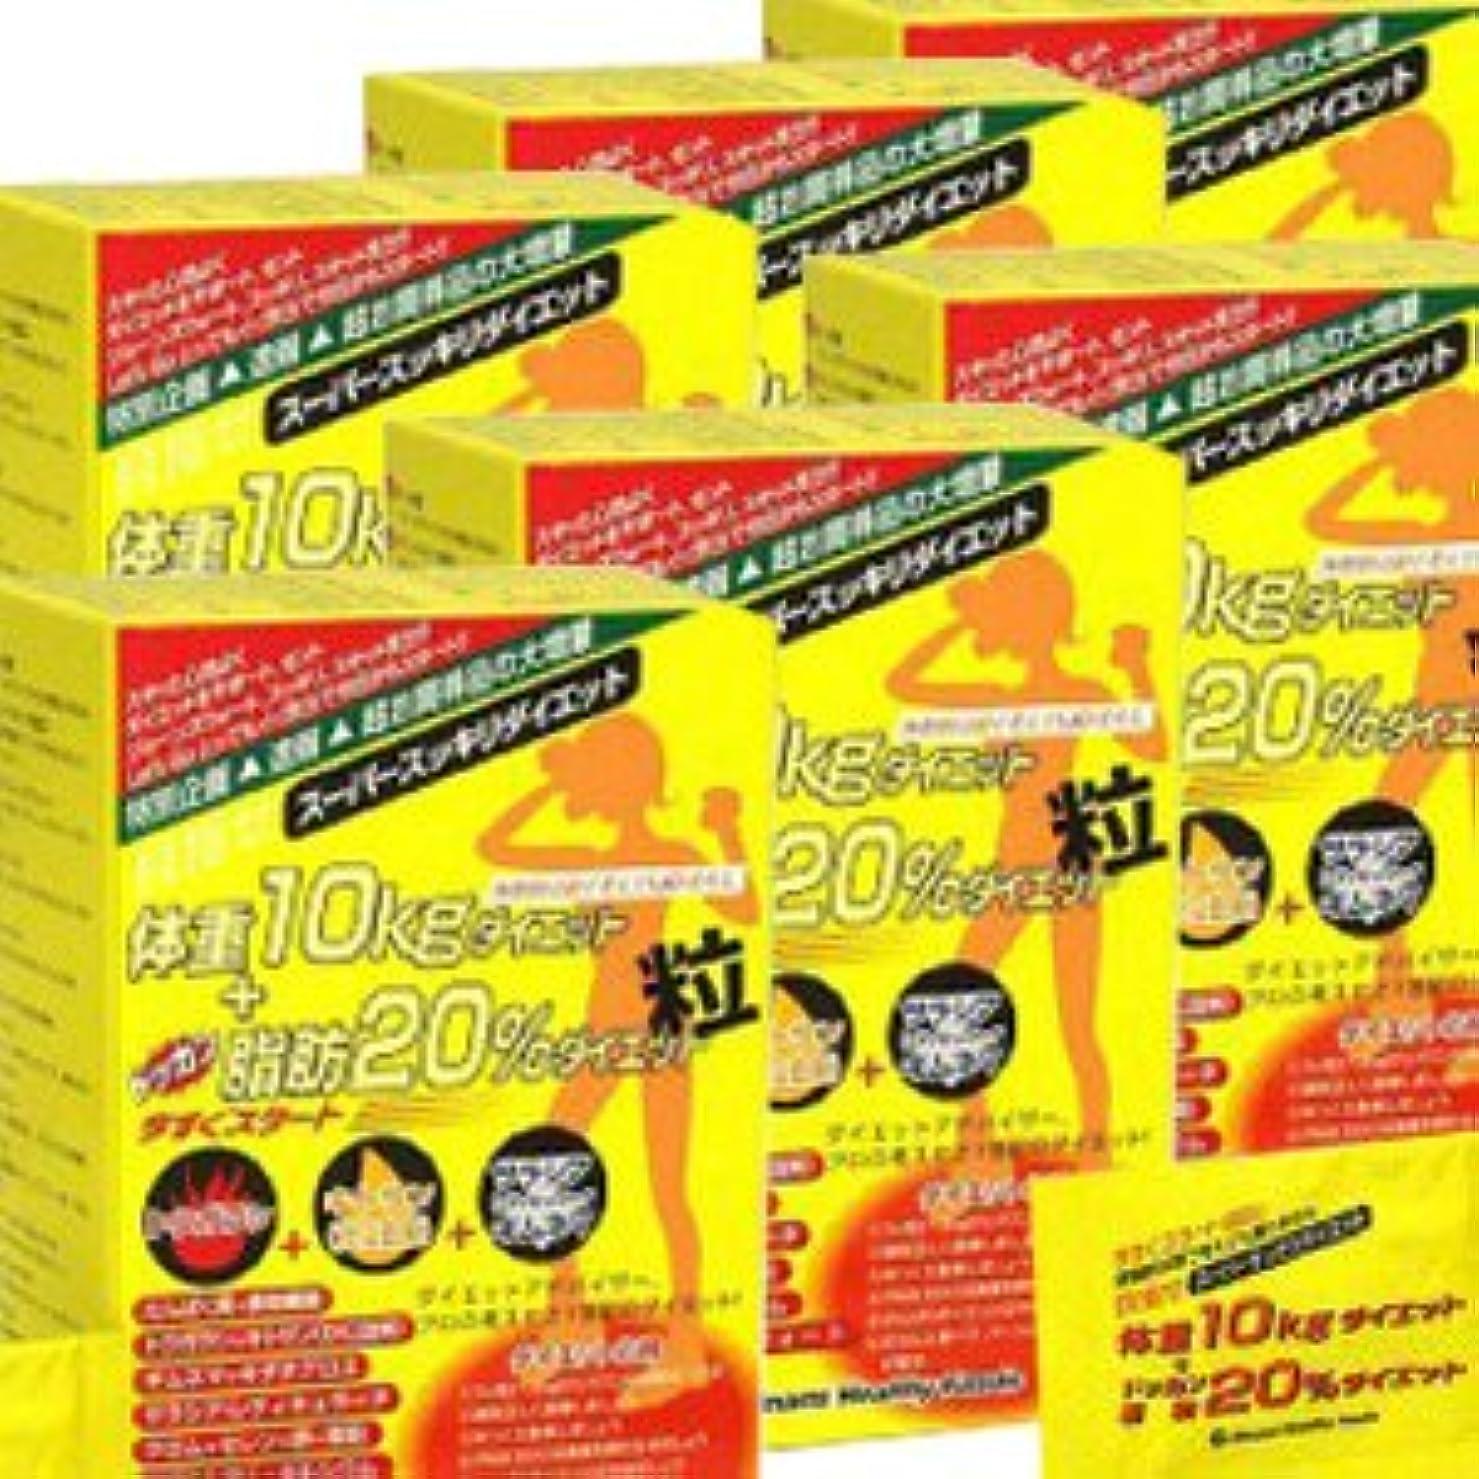 強化ギネス献身【6箱】目指せ体重10kgダイエット+ドッカン脂肪20%ダイエット粒 (6粒x75袋)x6箱 (4945904010341)